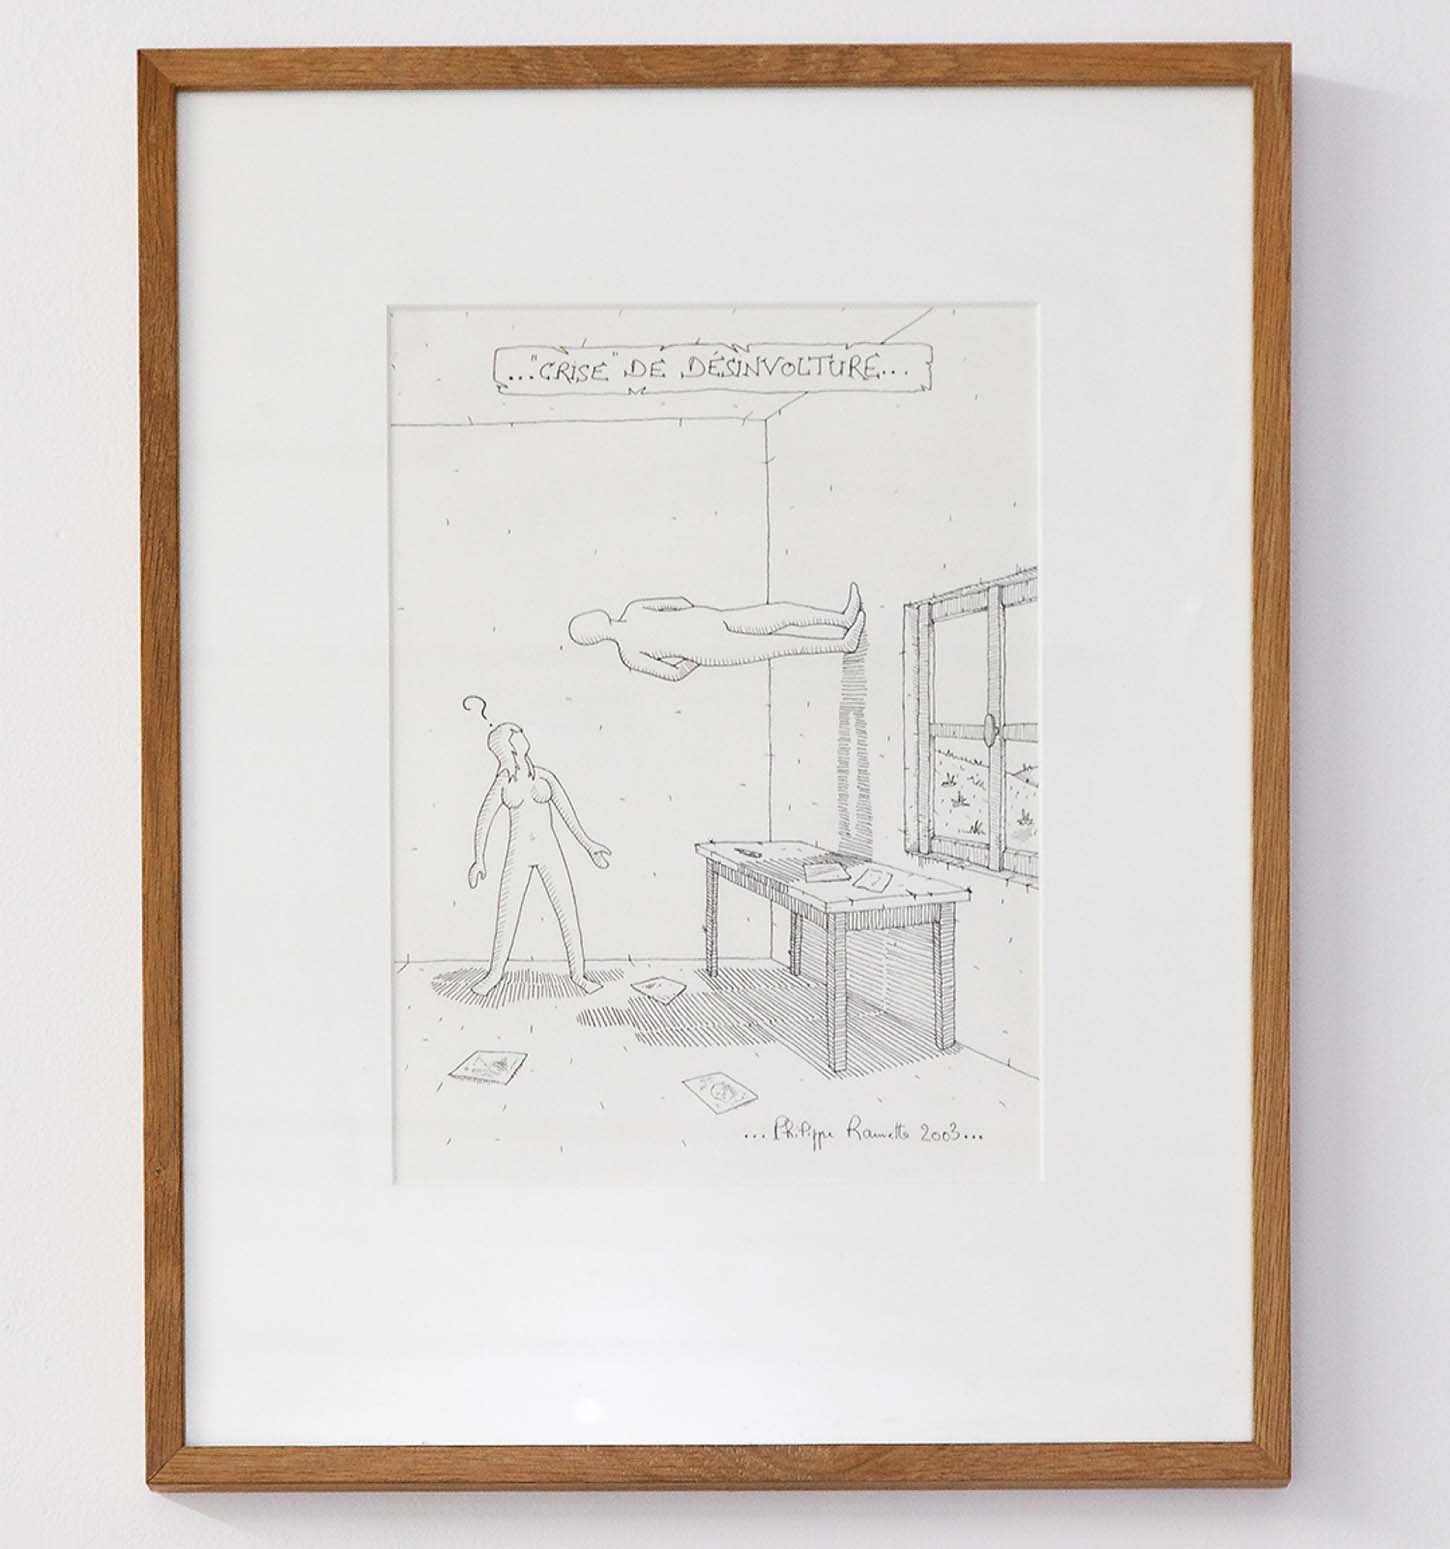 Philippe Ramette, Crise de désinvol-ture..., 2003, Papier : 32 x 24 cm, encadré : 52 x 42,5 x 2,5 cm